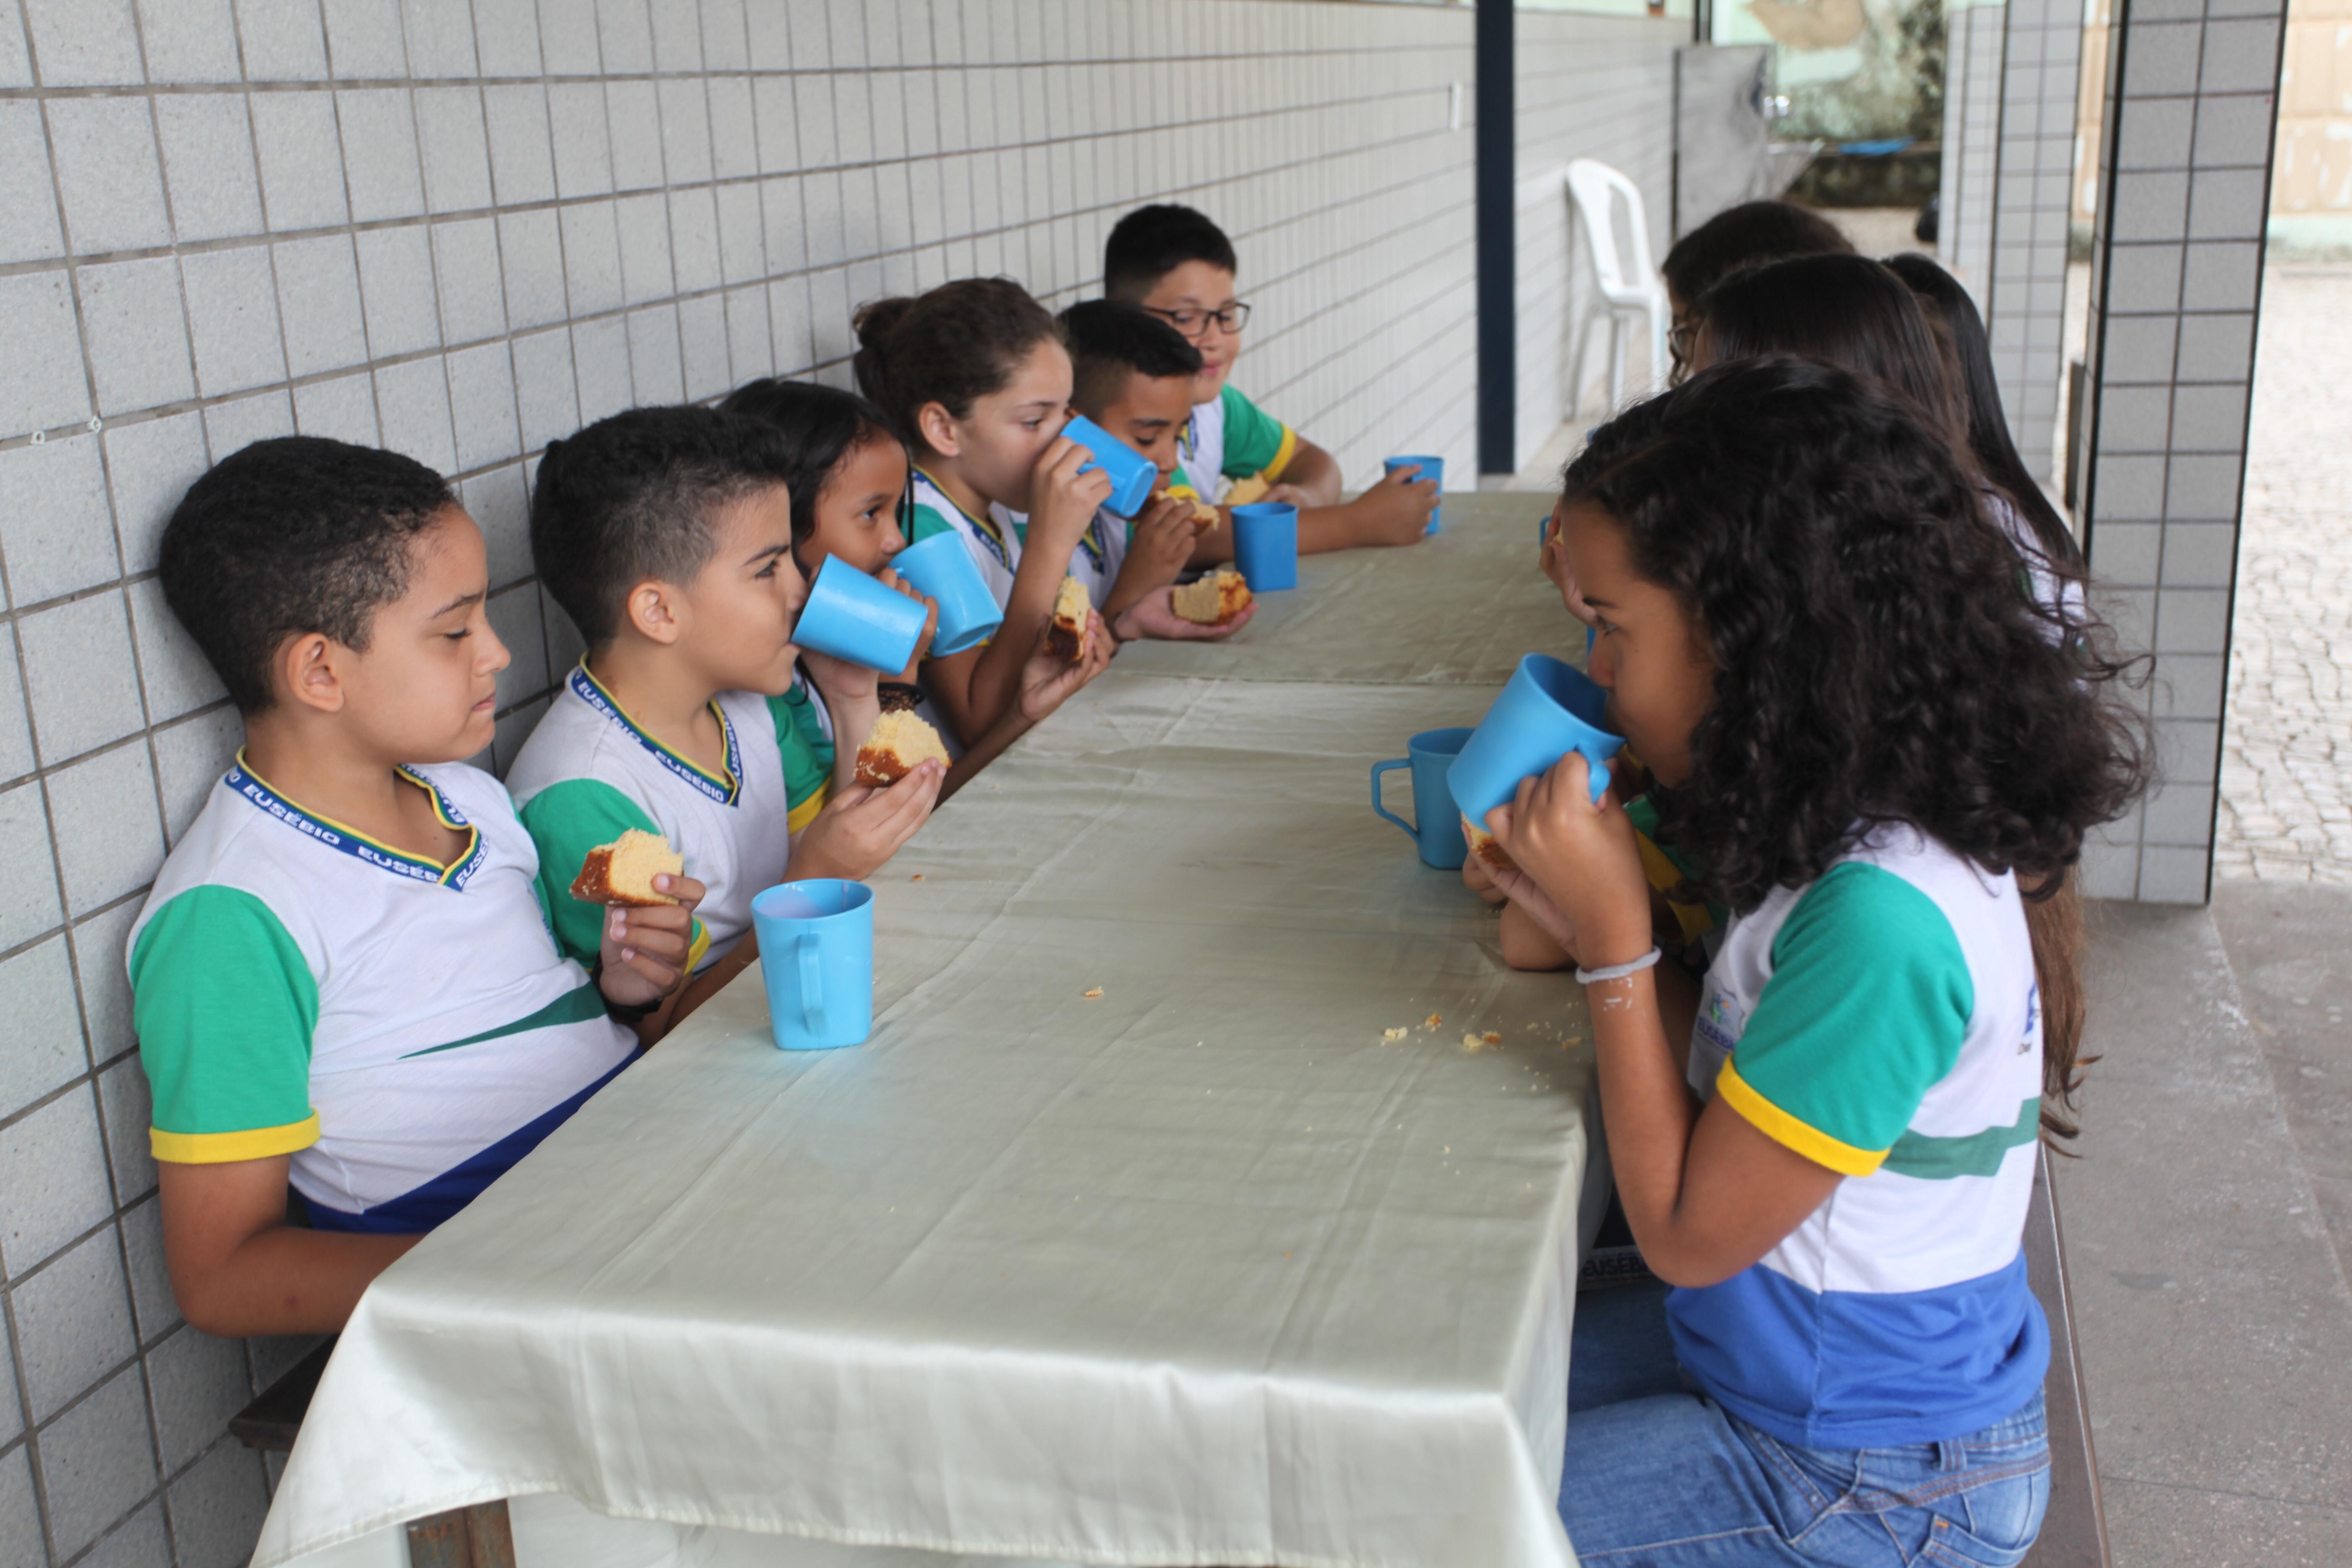 Prefeitura de Eusébio vai conceder kits de alimentação para alunos municipais durante o isolamento social